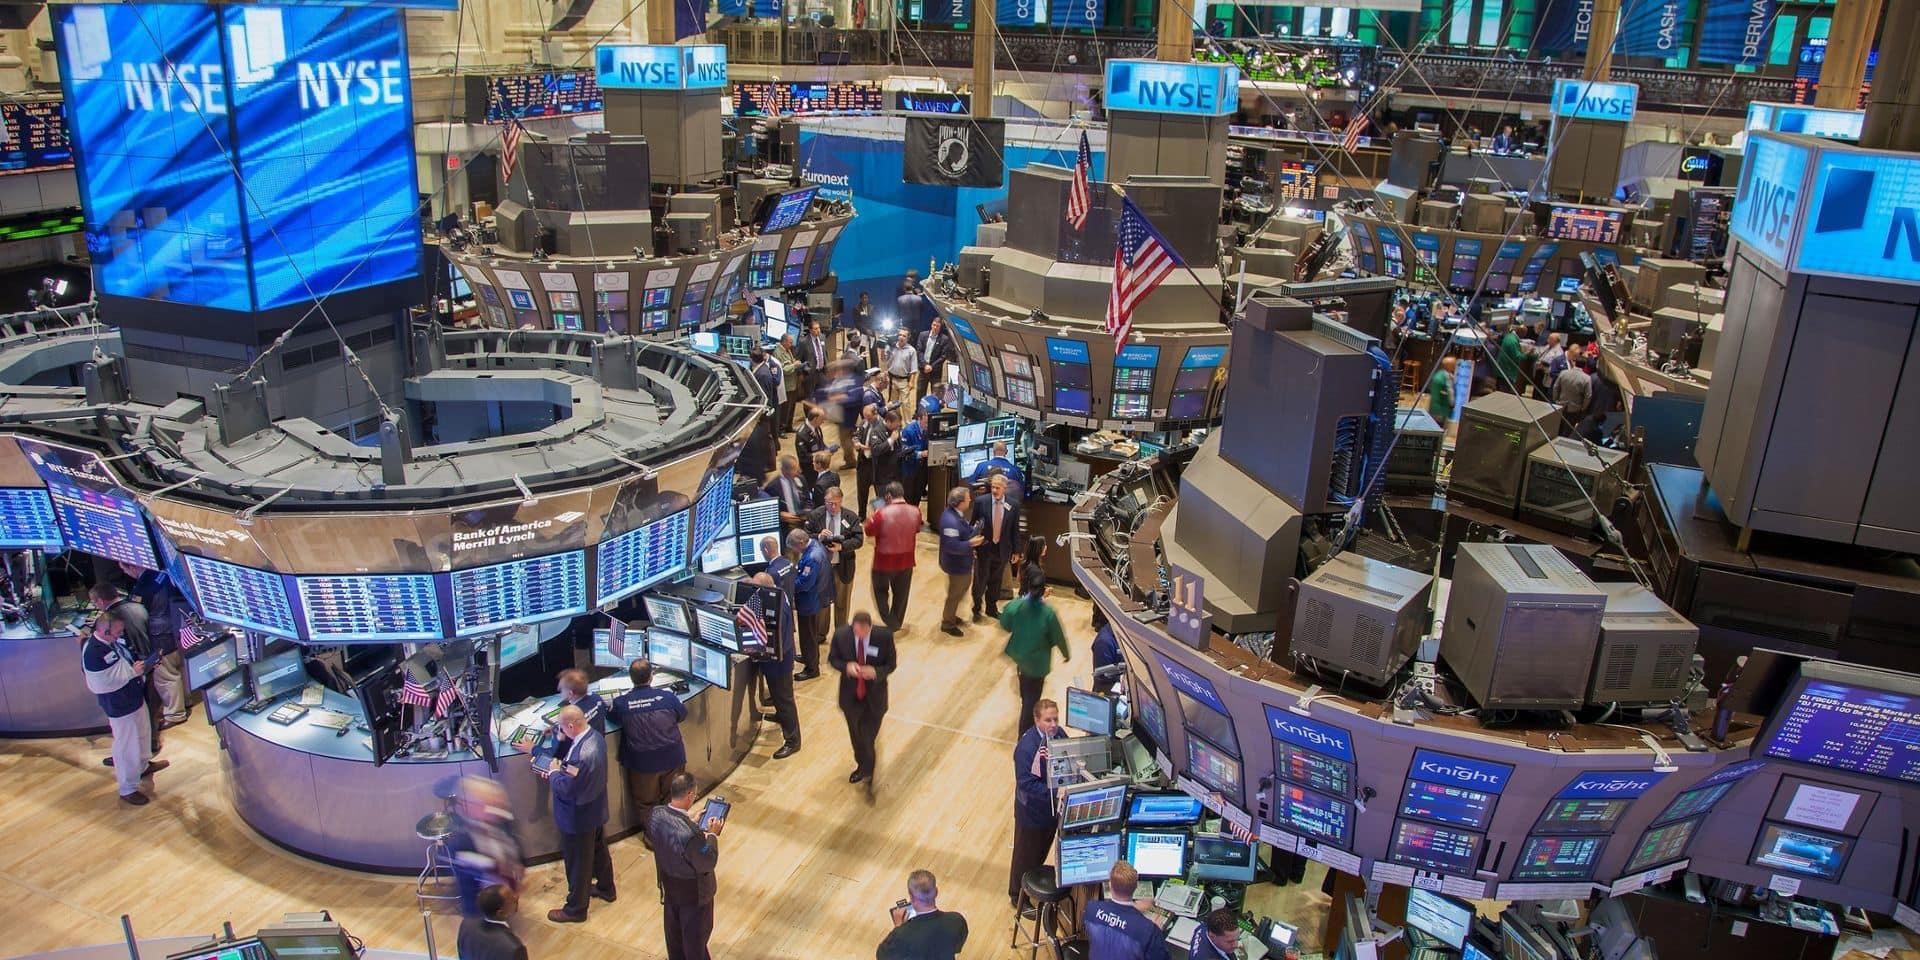 Un vent d'euphorie souffle sur les marchés boursiers